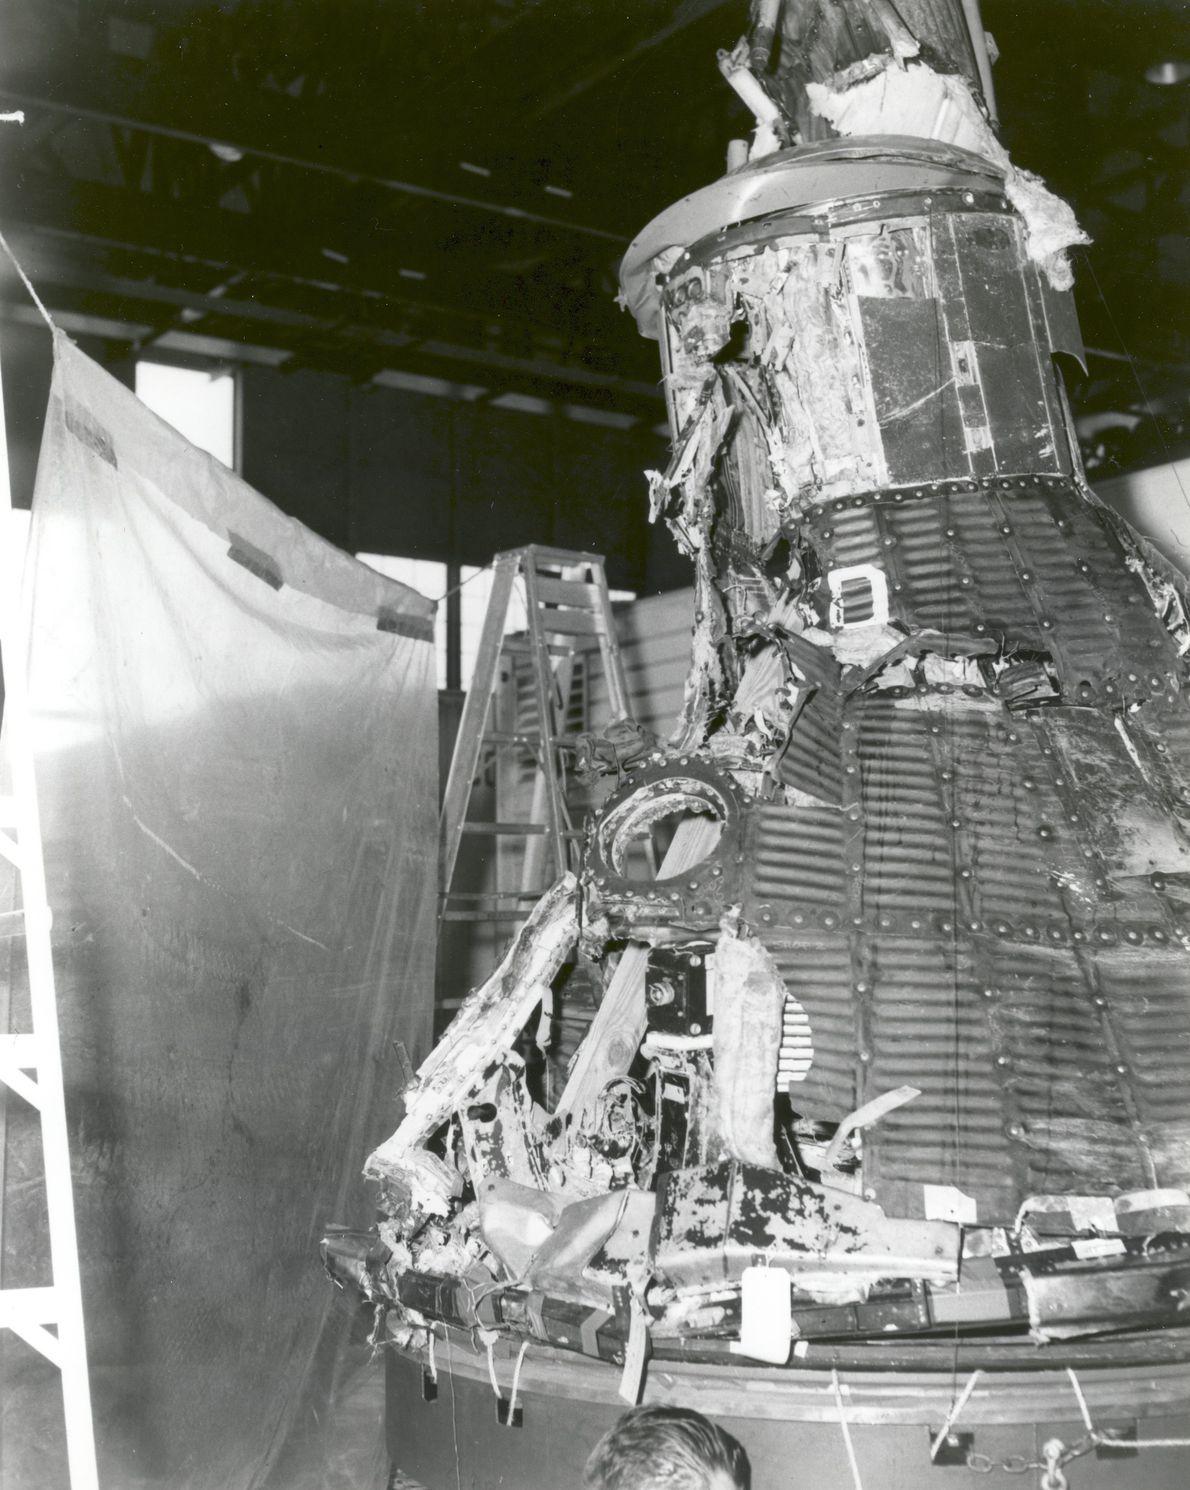 O primeiro voo do Programa Mercury foi um fracasso, embora tenha levado a refinamentos no design. ...